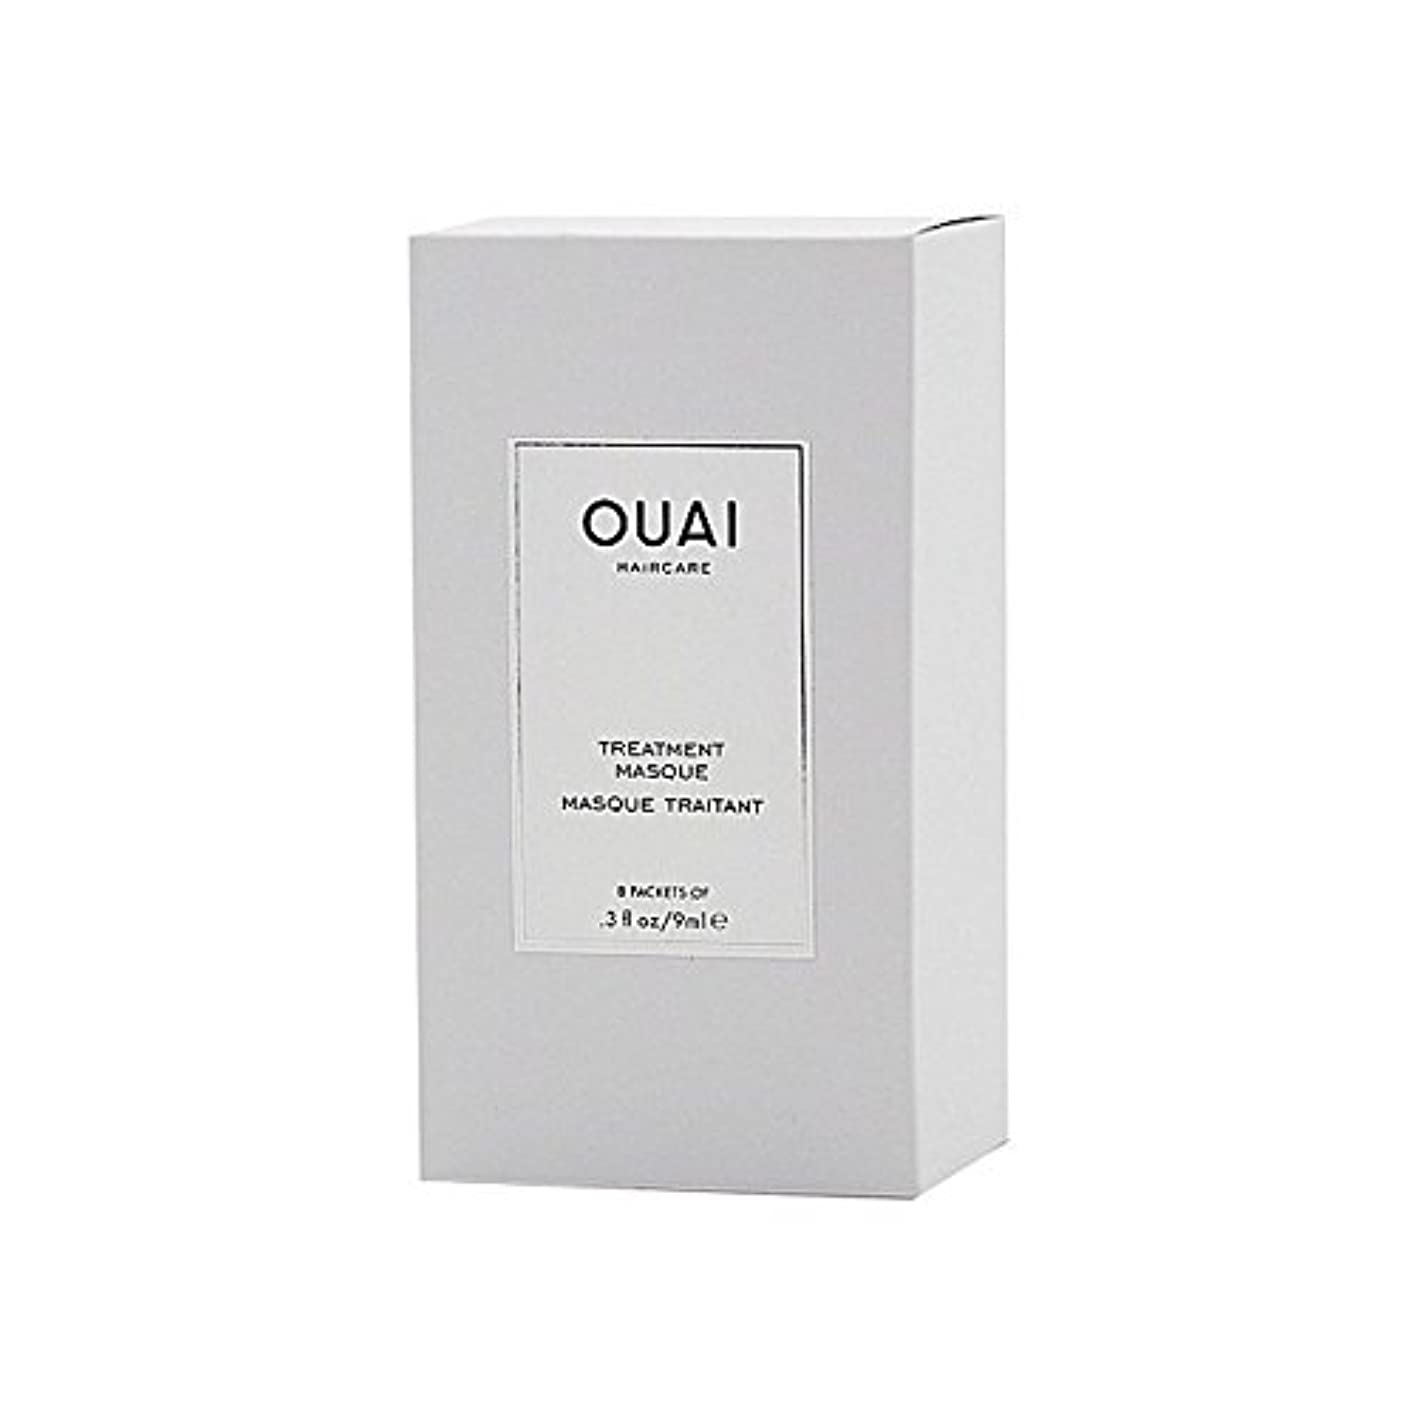 アマゾンジャングル息子予定Ouai Treatment Masque 8 X 9ml - トリートメントマスク8×9ミリリットル [並行輸入品]